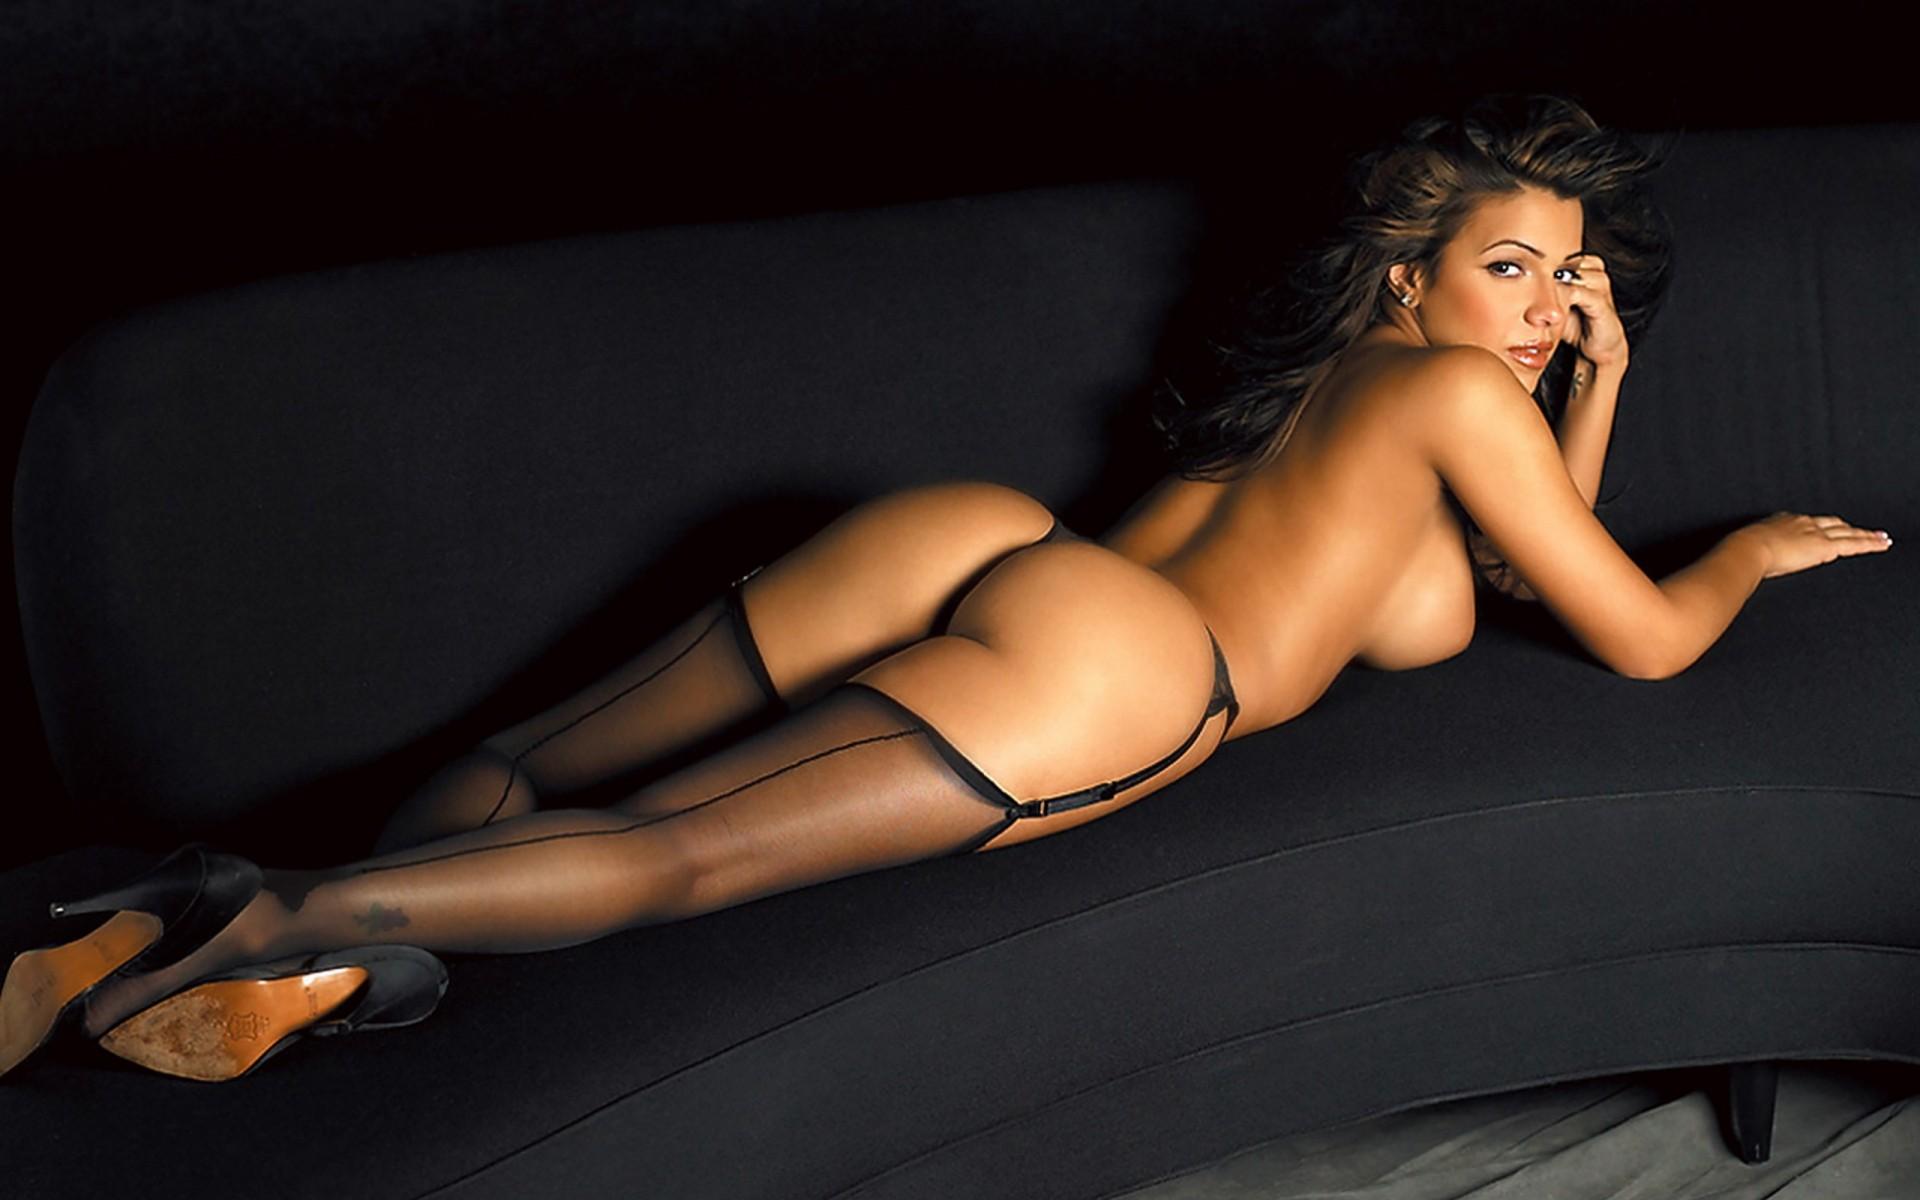 Hot sex long wallpaper erotic image